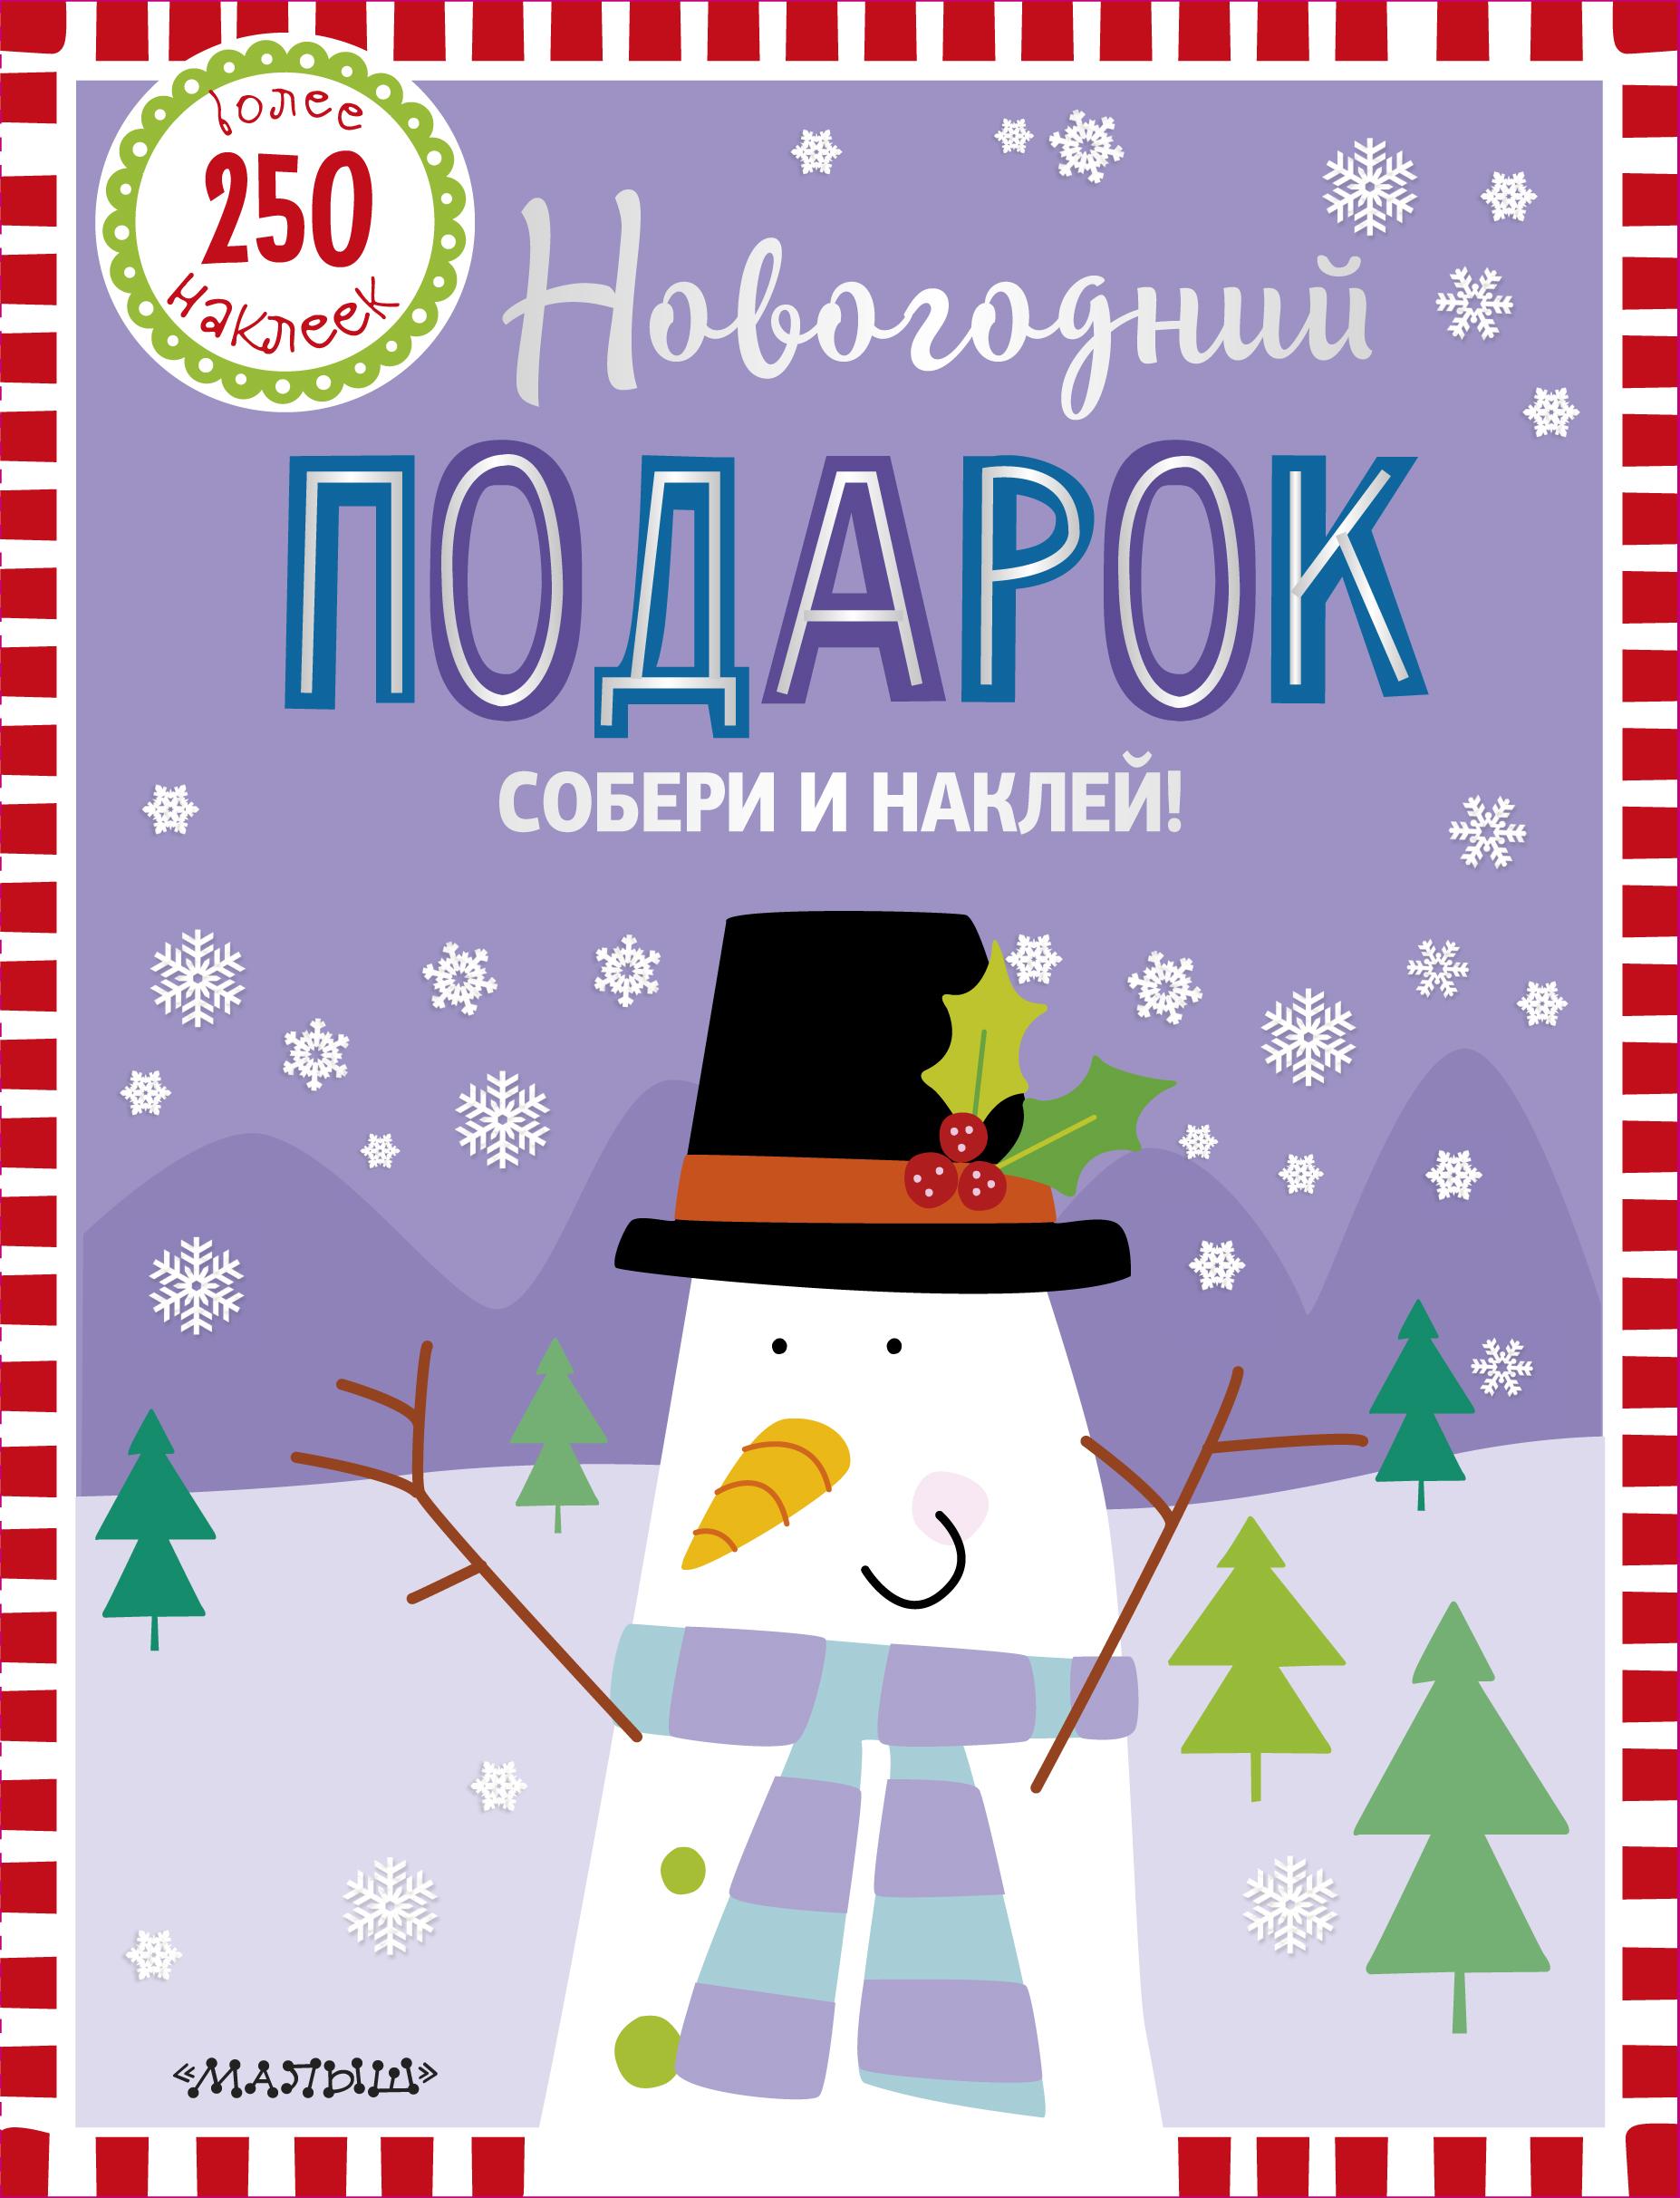 . Новогодний подарок бархатная картина пингвины лучший подарок своими руками